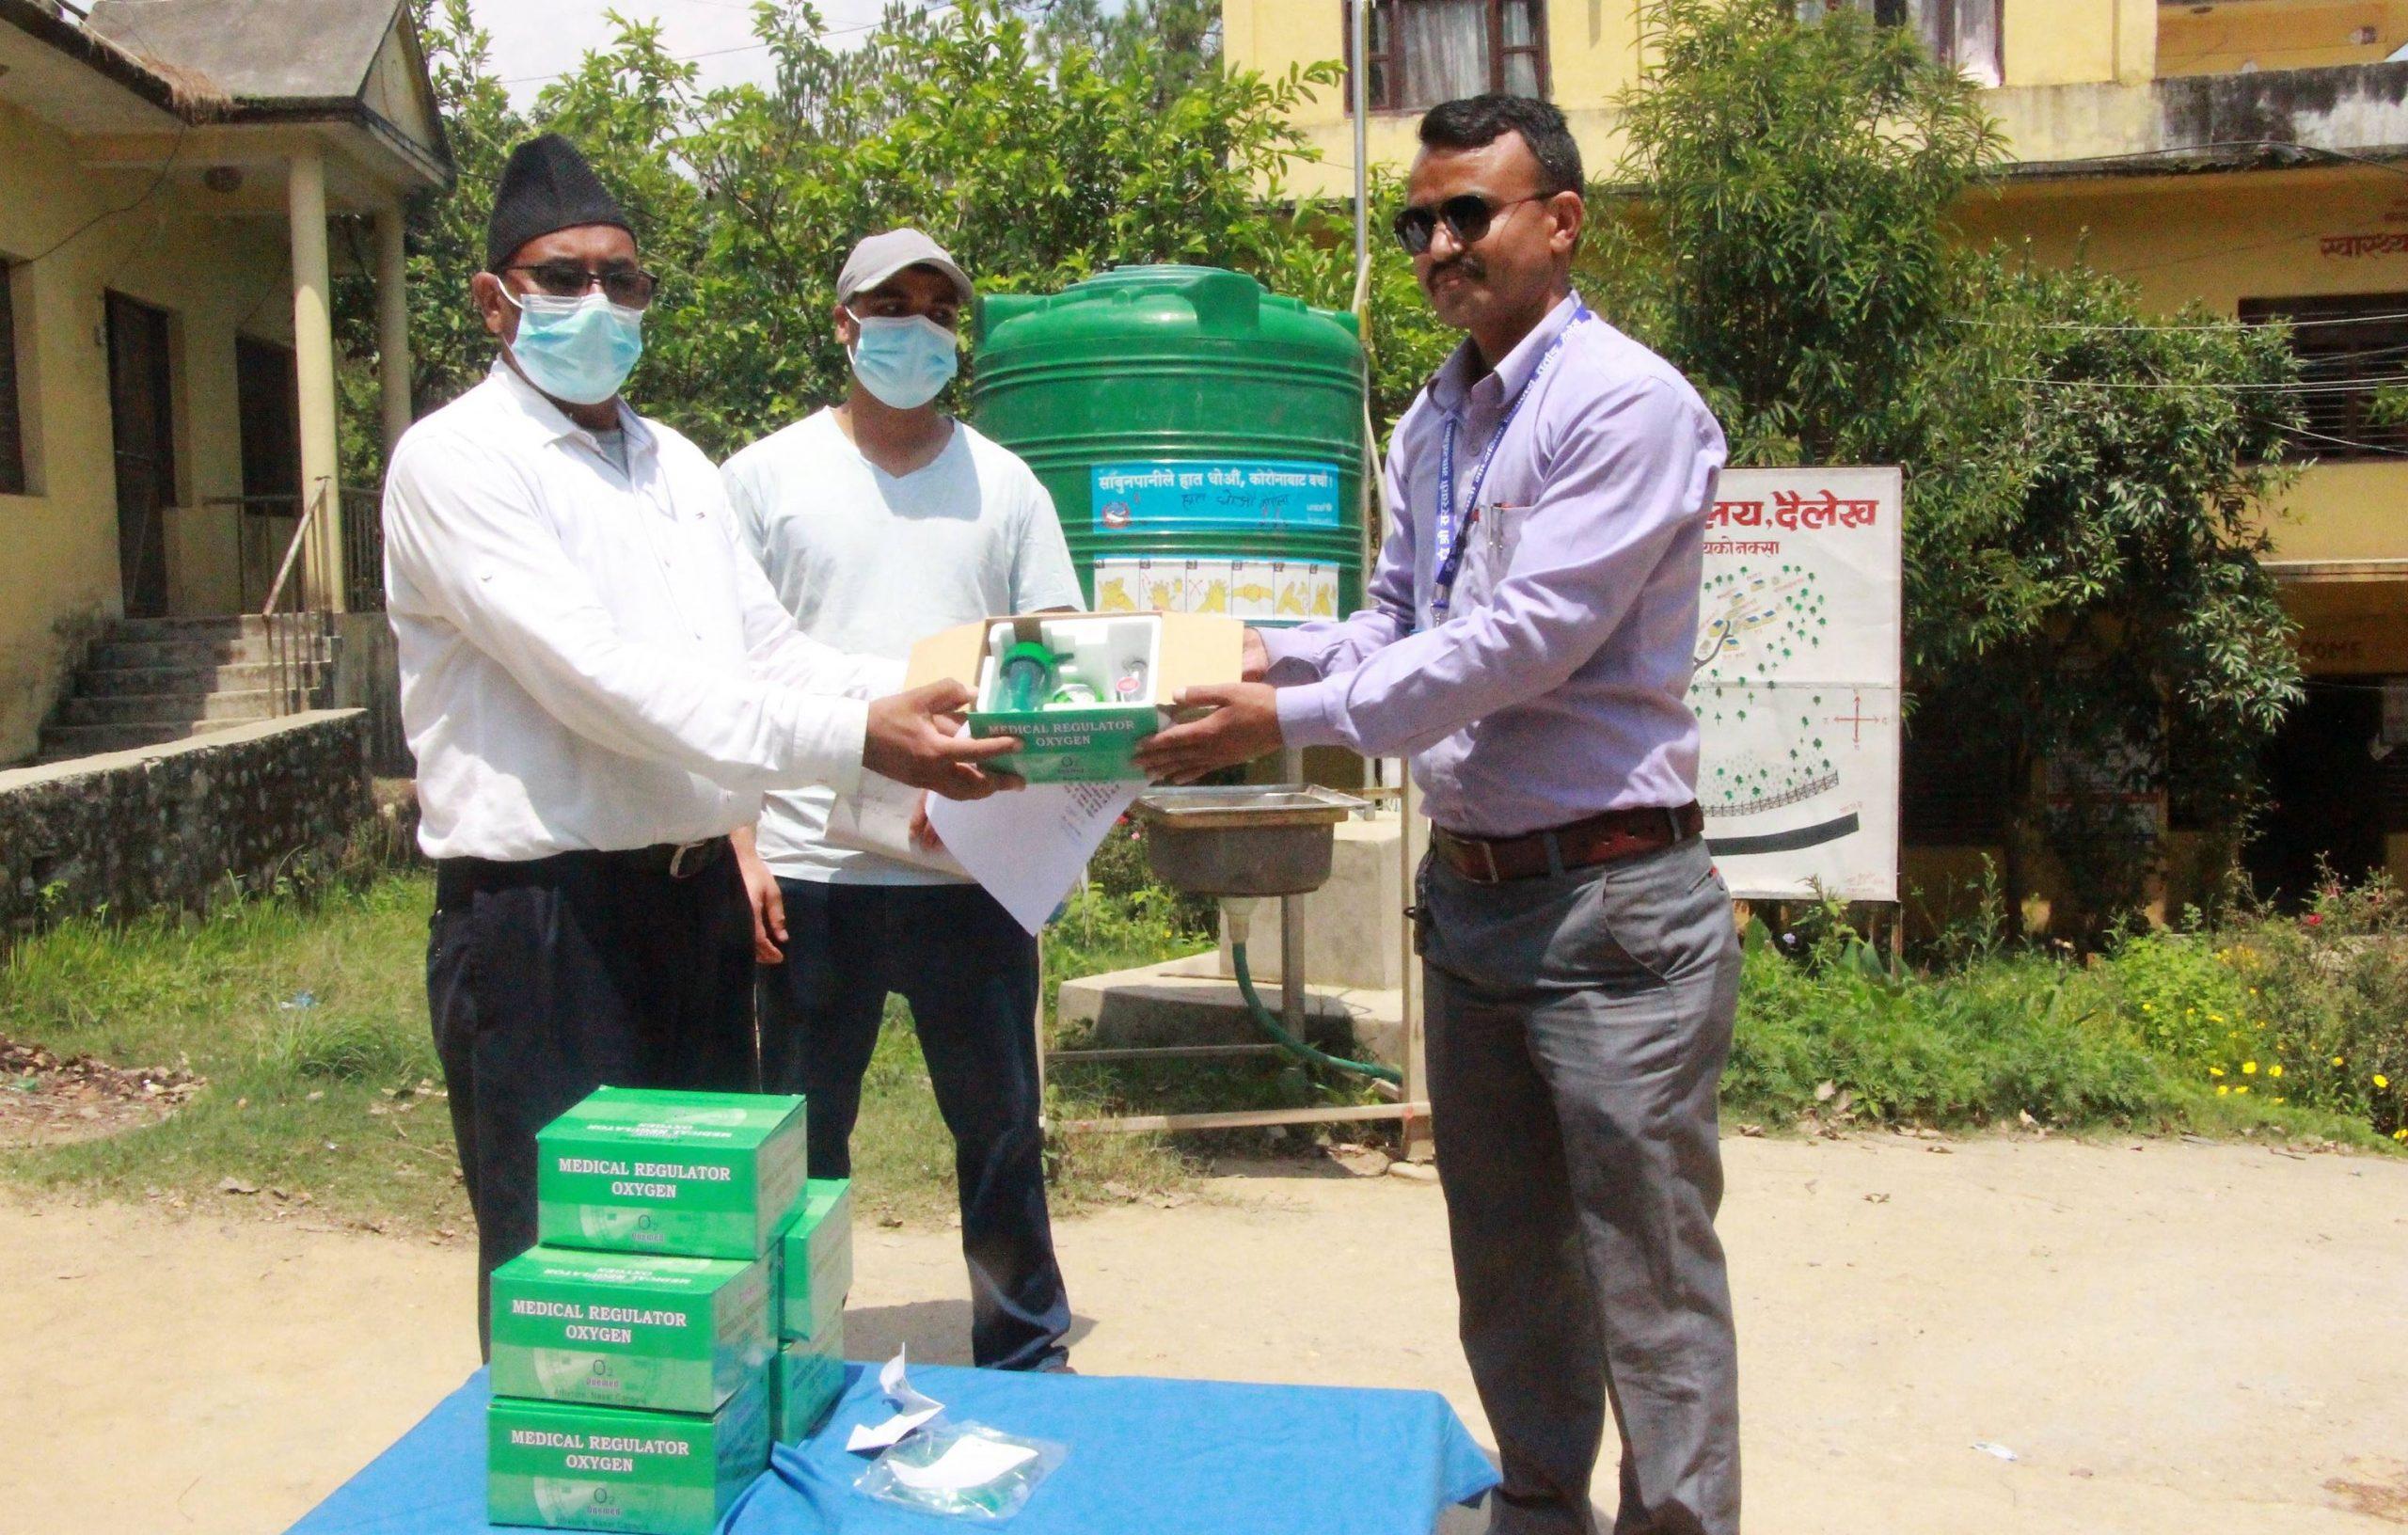 दैलेख अस्पताललाई अक्सिजन फ्लोमिटर सहयोग